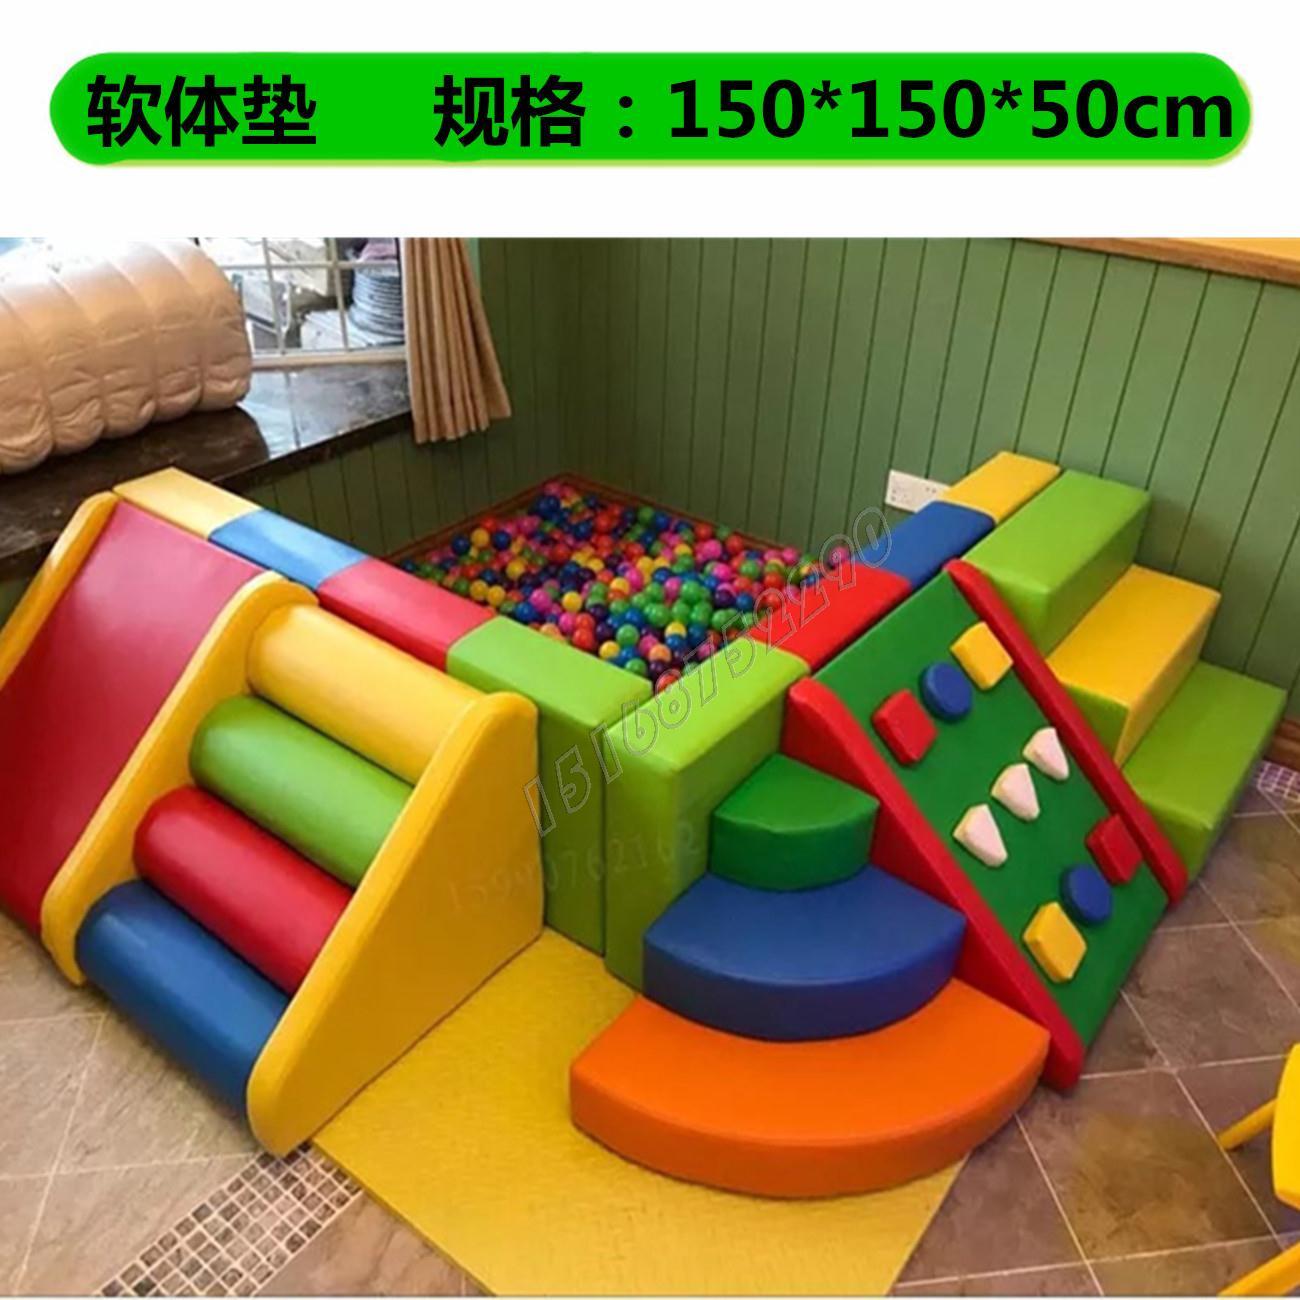 Мягкие ограждения для детей Артикул 574846823761